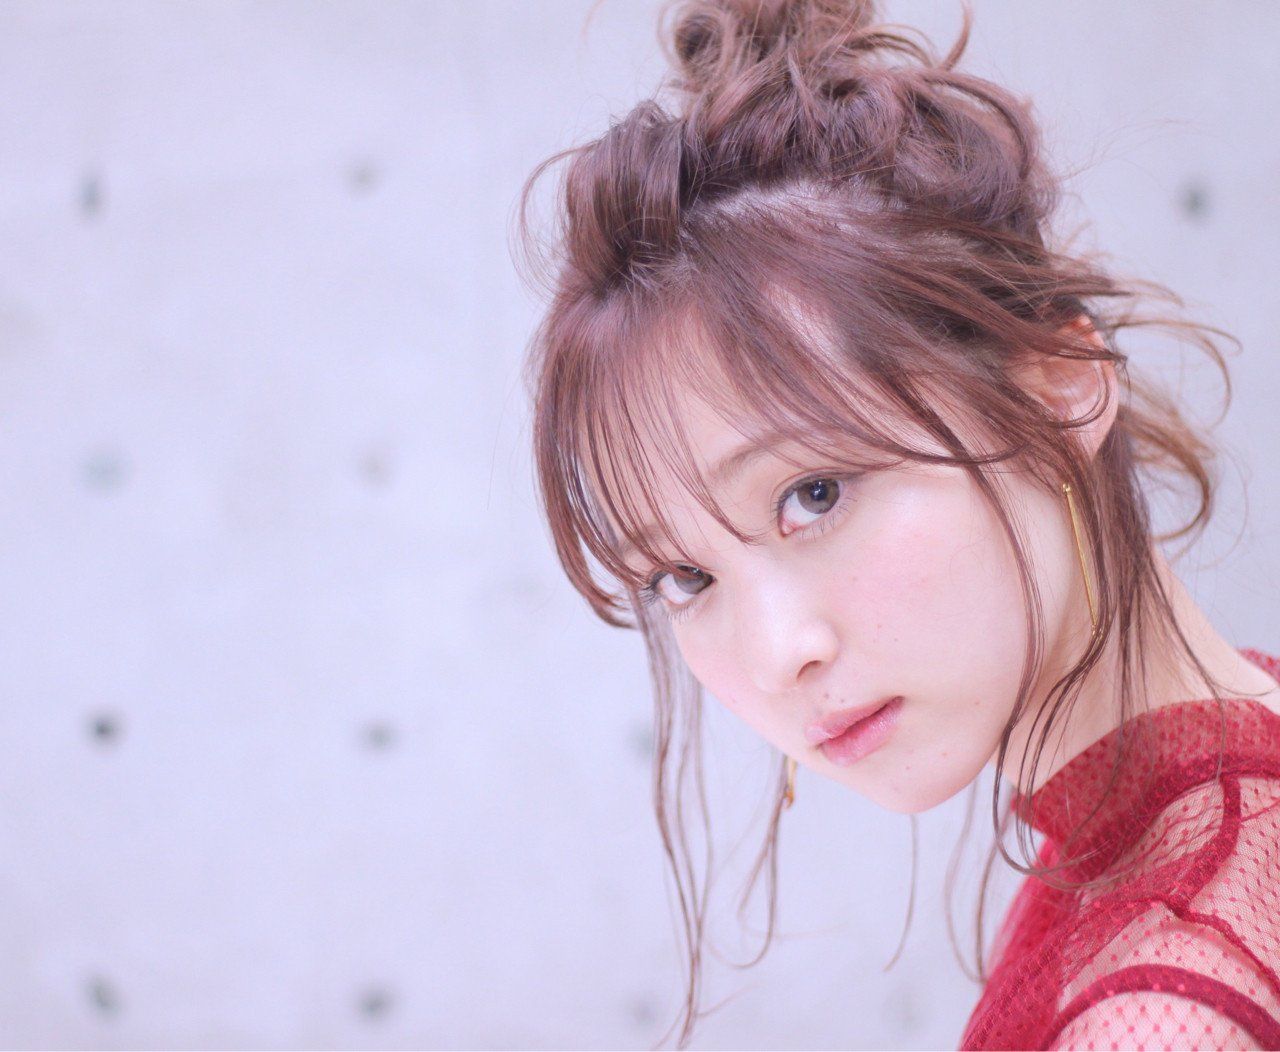 img 5a75aa9e105e4.png?resize=1200,630 - 韓国のトレンド「オルチャンヘア」ってどんな髪型?なんで「オルチャン」って言うの?